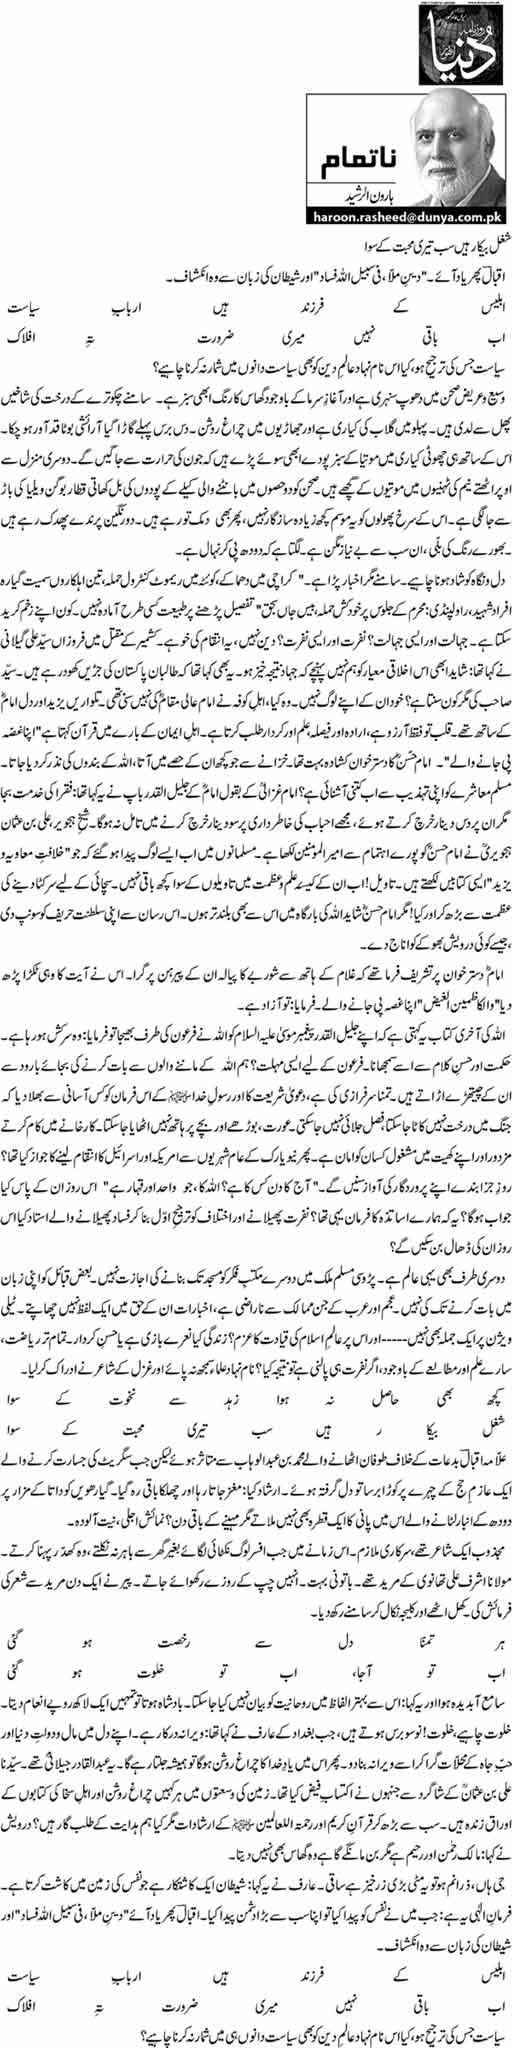 Shughal be kaar hain sub tere muhabbat k siwa - Haroon-ur-Rasheed